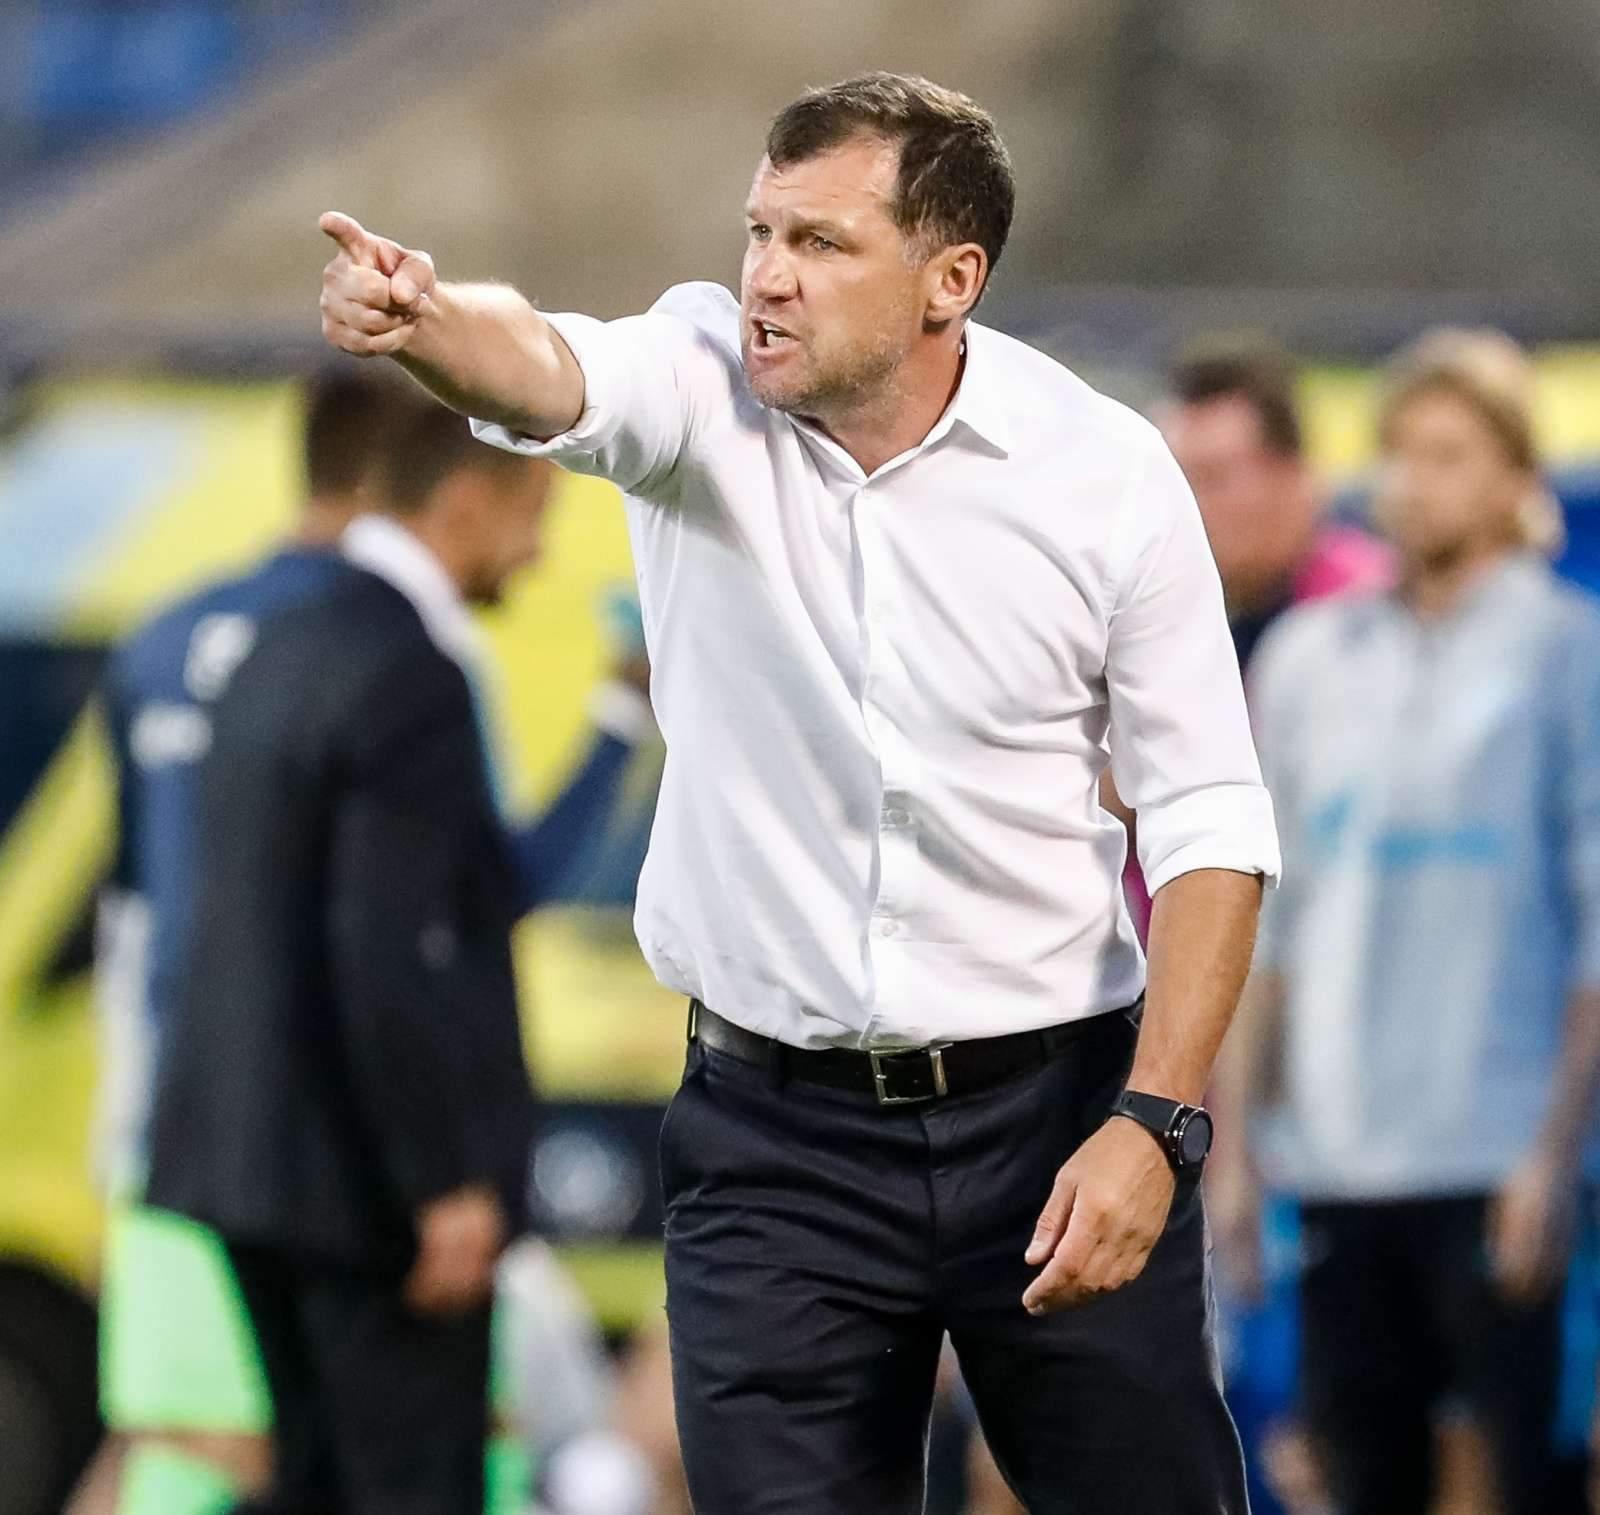 Гуренко: У «Локомотива» хорошие шансы взять очки у «Лацио»